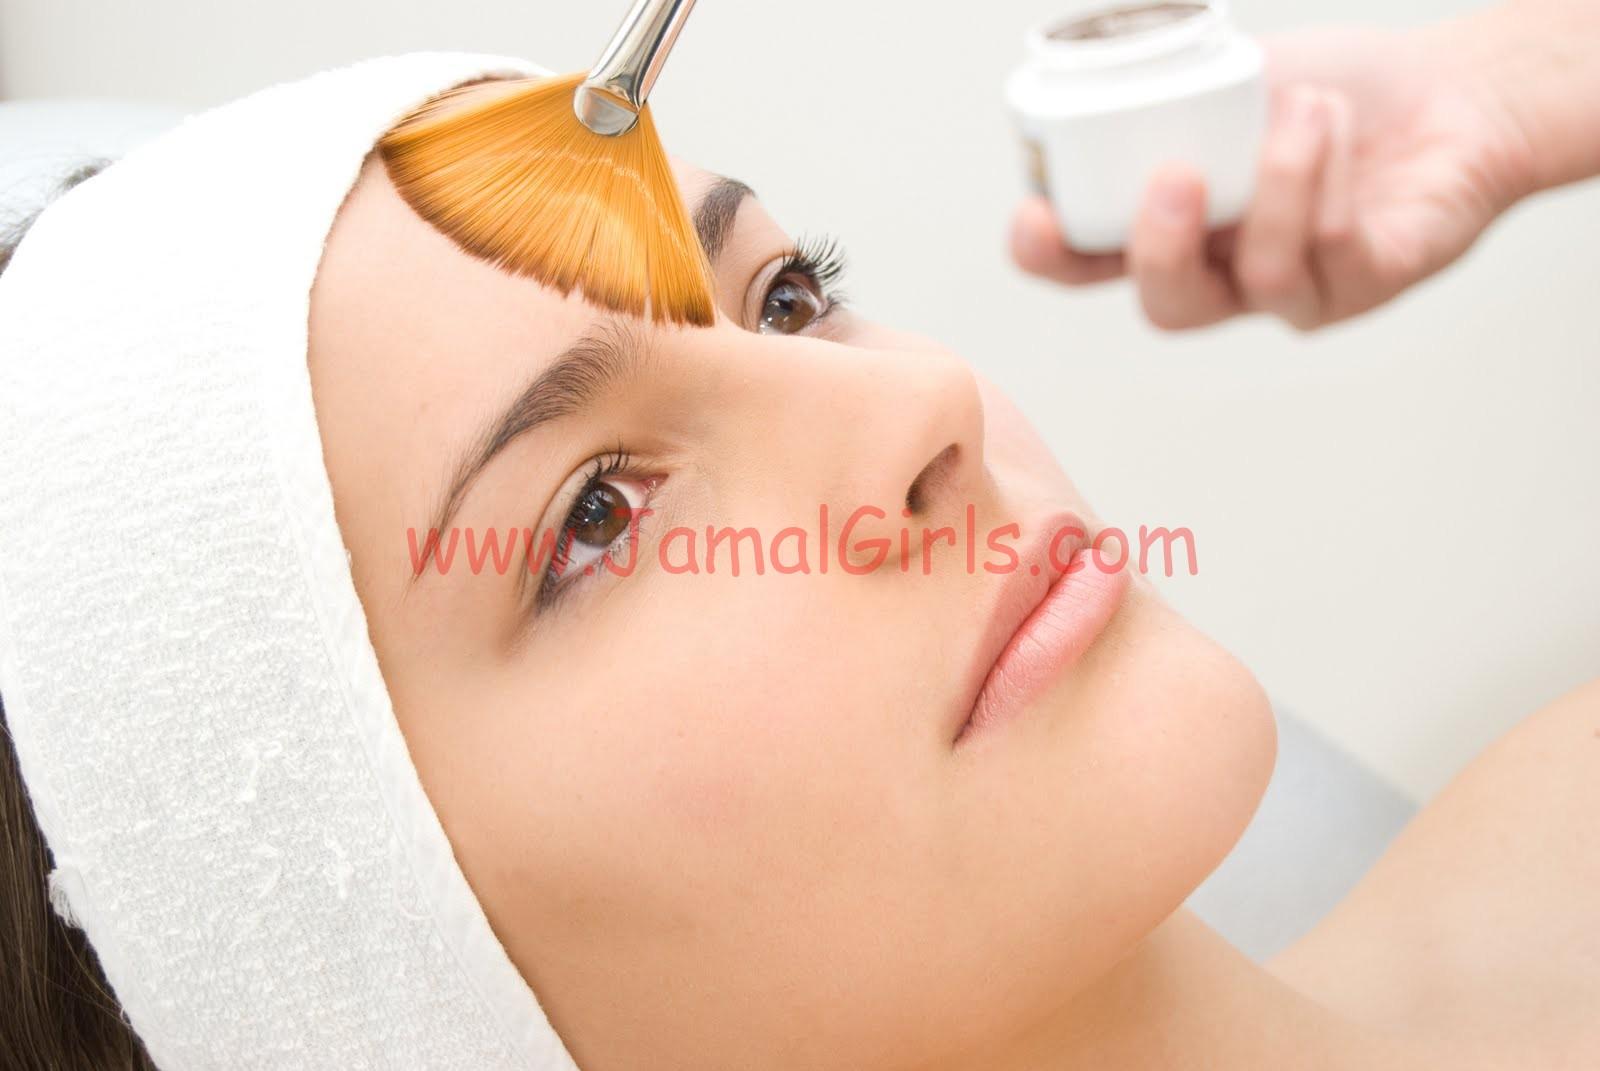 ازالة شعر الوجه بفعالية